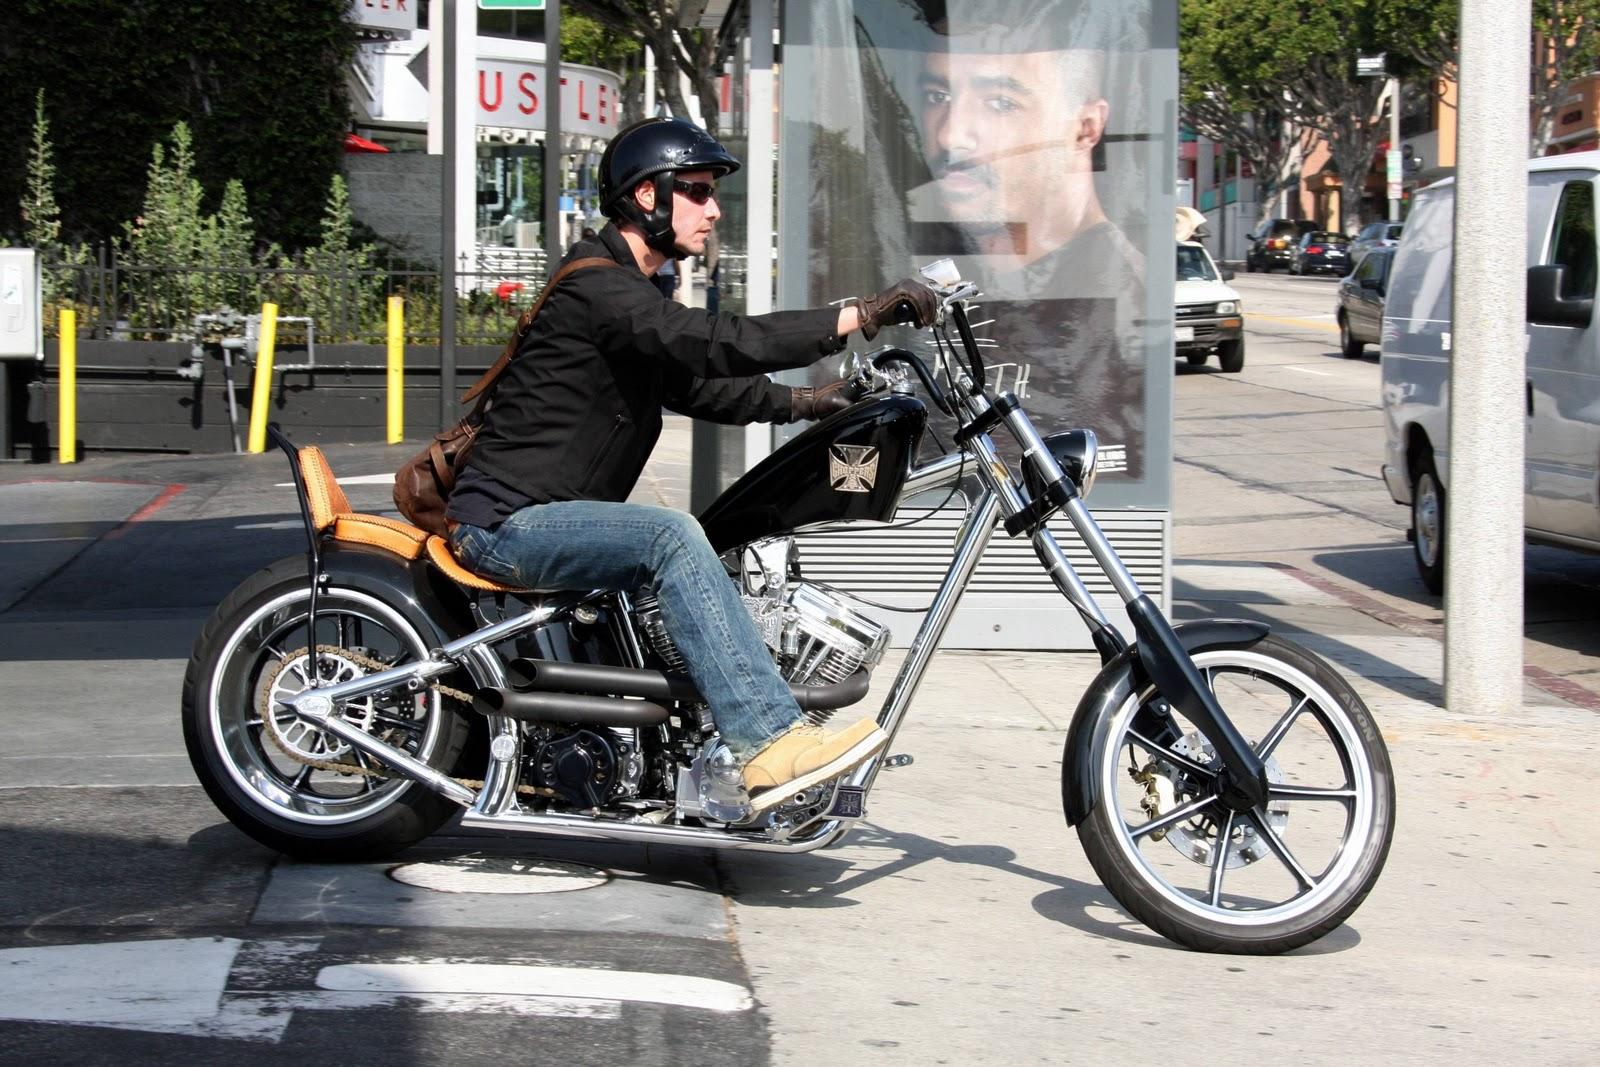 http://1.bp.blogspot.com/_gfXupHOEhH0/TUbWcjEU8PI/AAAAAAAATkE/1051XFroffY/s1600/keanu_reeves_bike.jpg